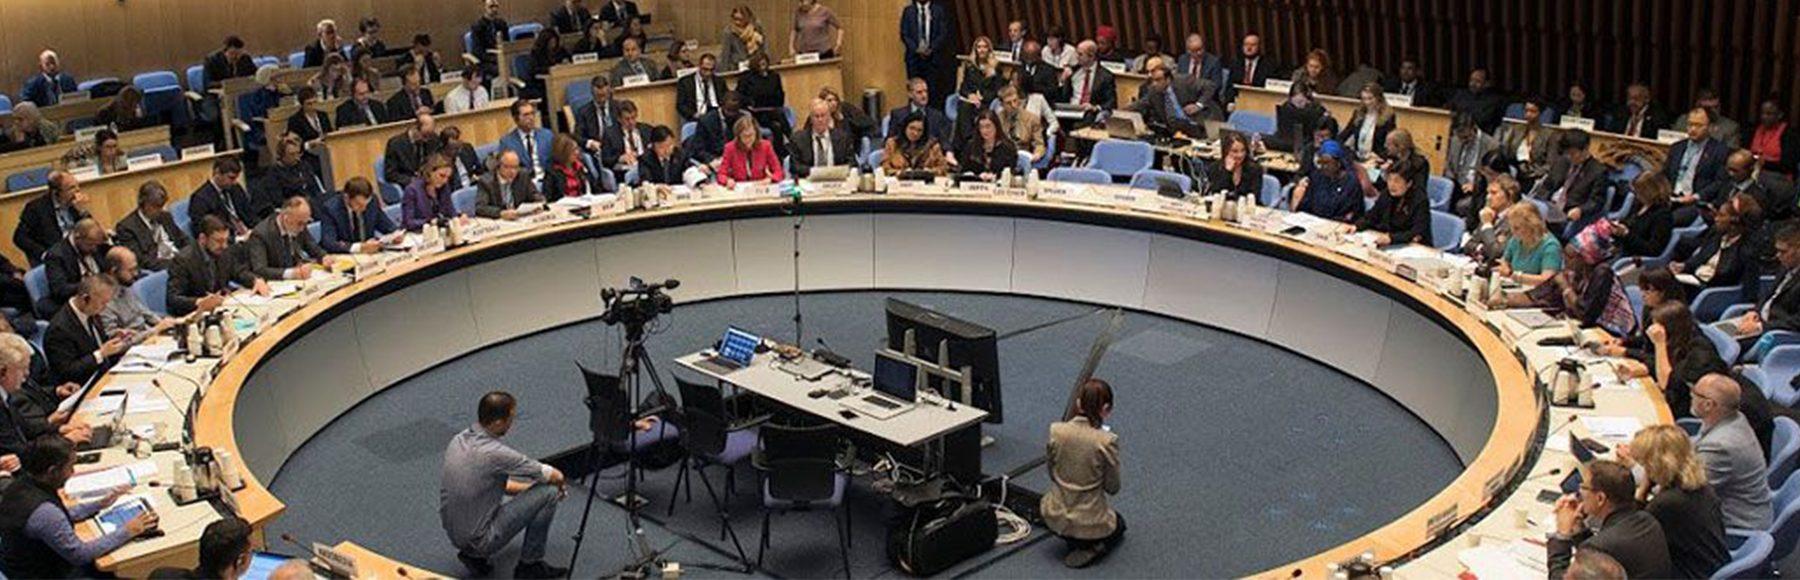 Diretora executiva do UNAIDS esboça sua visão para a Junta de Coordenação do UNAIDS